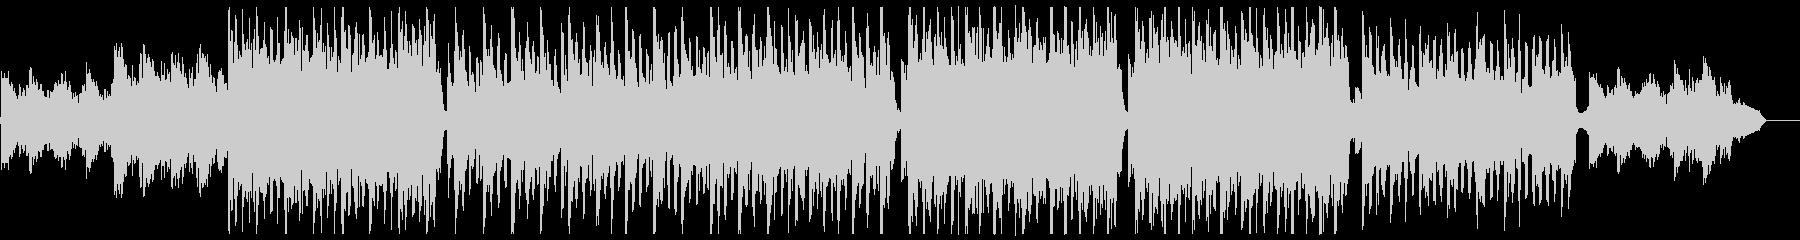 明るく爽やかなピアノ&シンセ:フルx1の未再生の波形